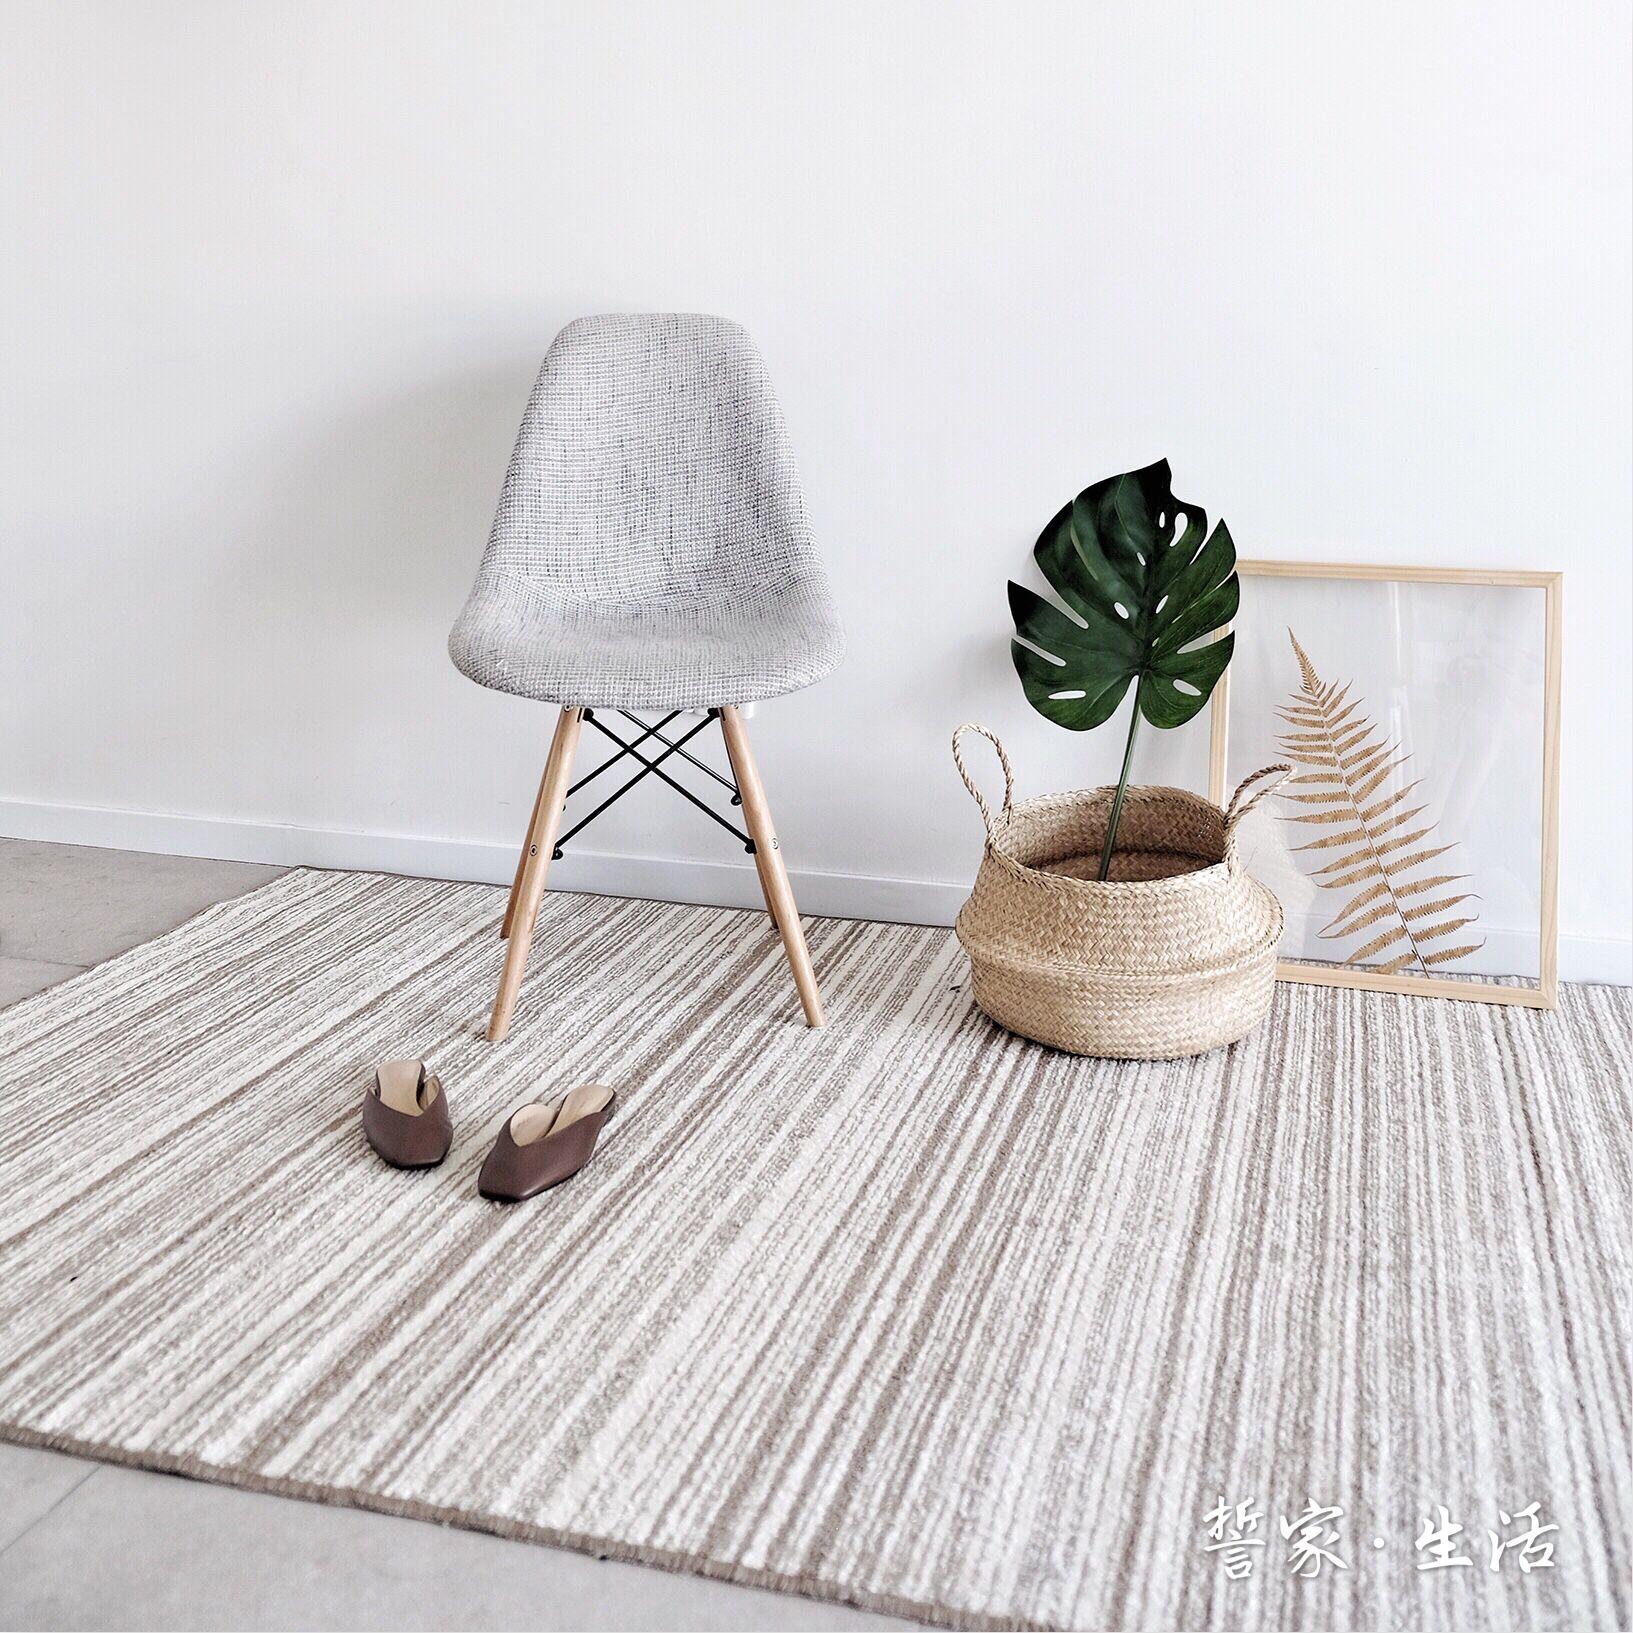 可定制日式卧室客厅入门ins简约茶几沙发条纹地毯床边北欧地垫